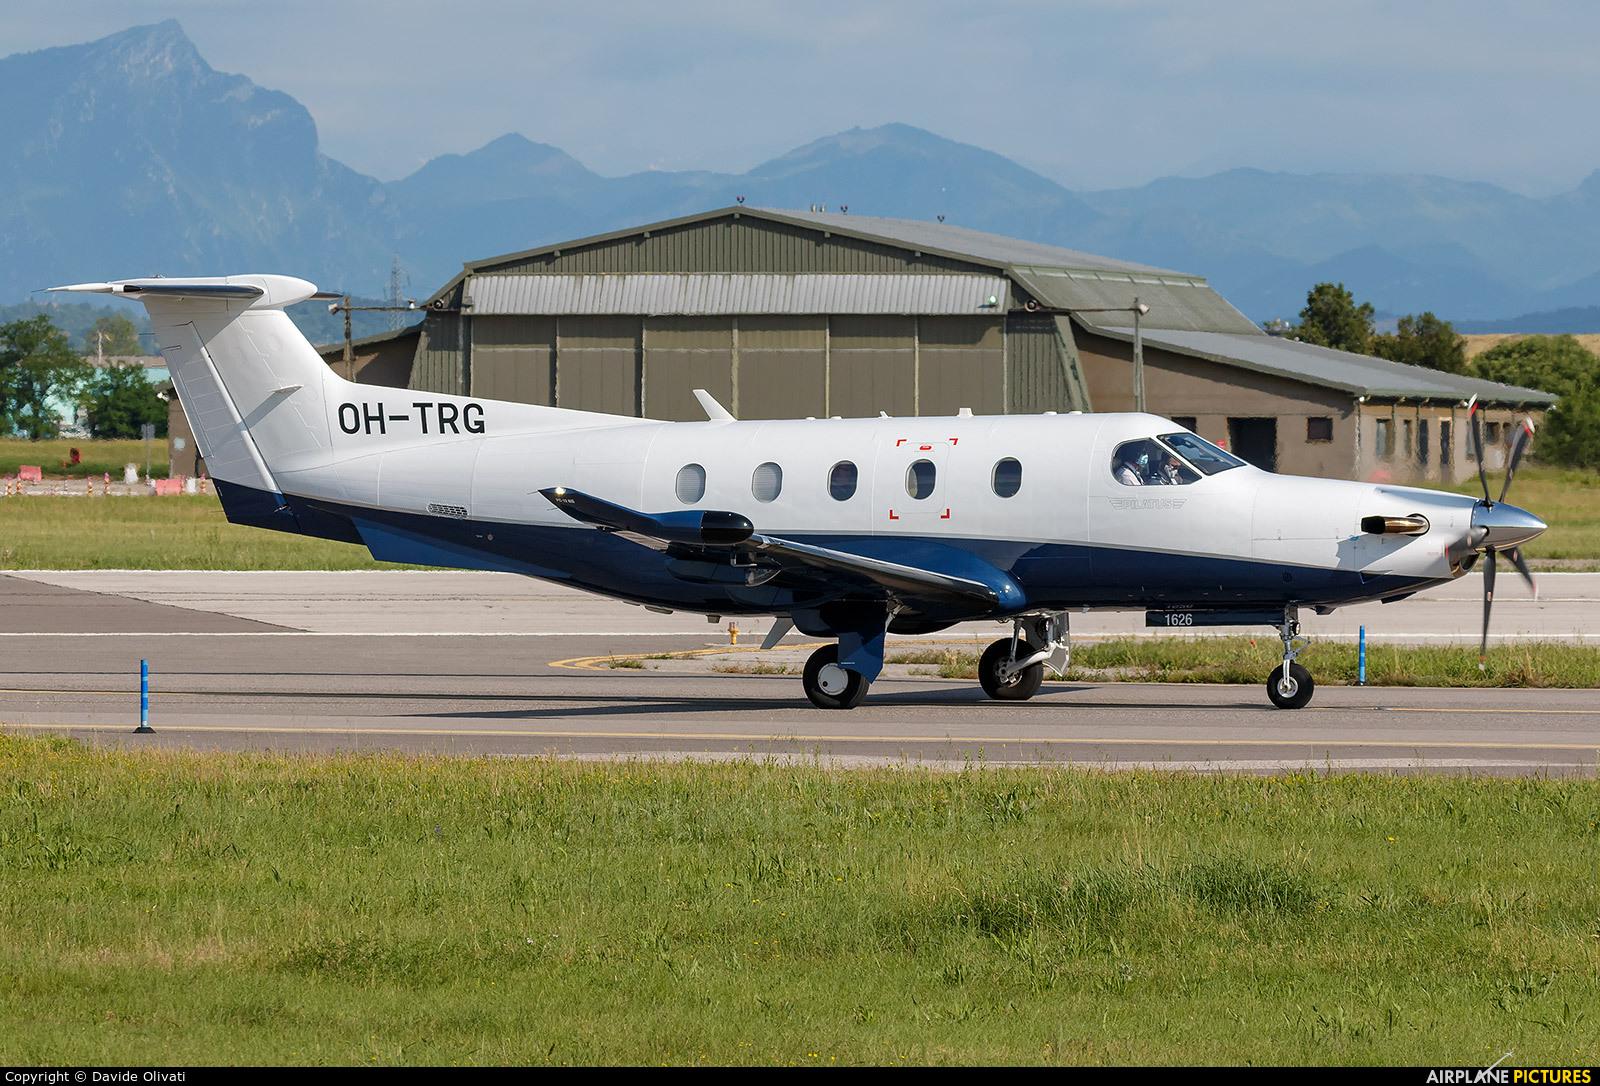 FLY 7 Executive Aviation SA OH-TRG aircraft at Verona - Villafranca